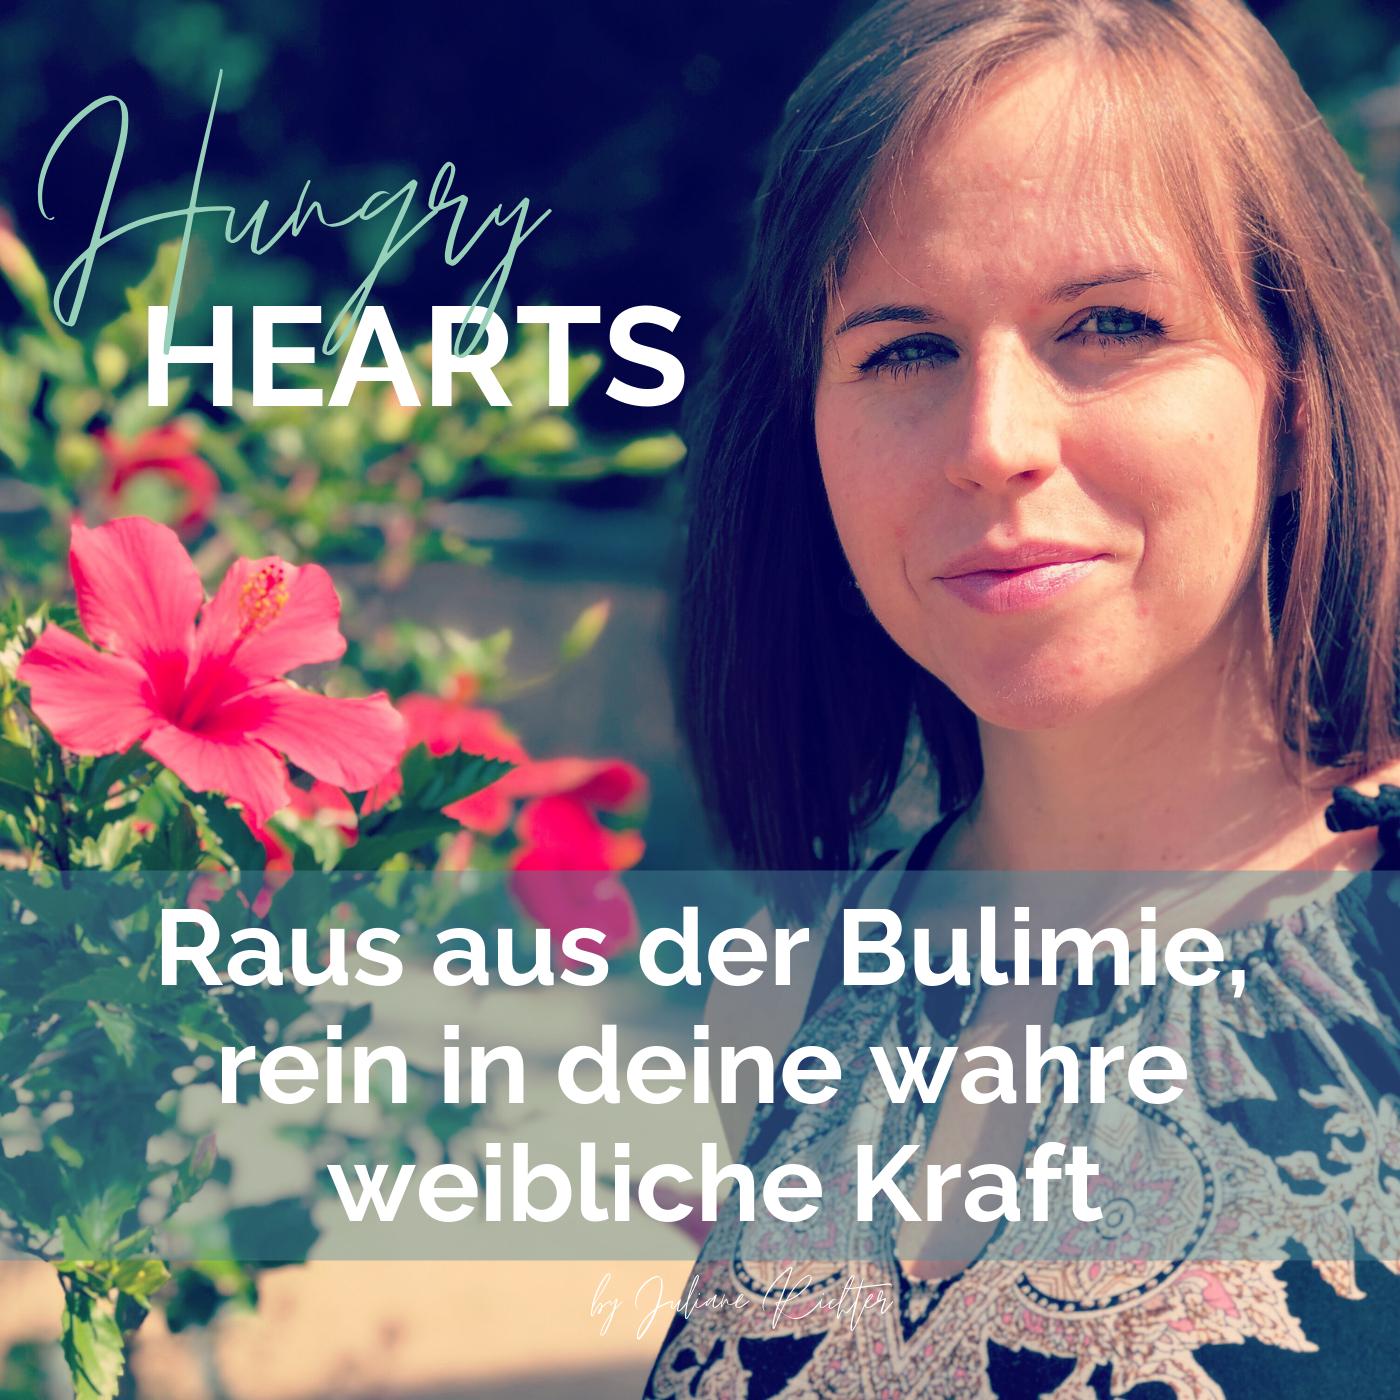 Hungry hearts - Raus aus der Bulimie, rein in deine wahre weibliche Kraft show art